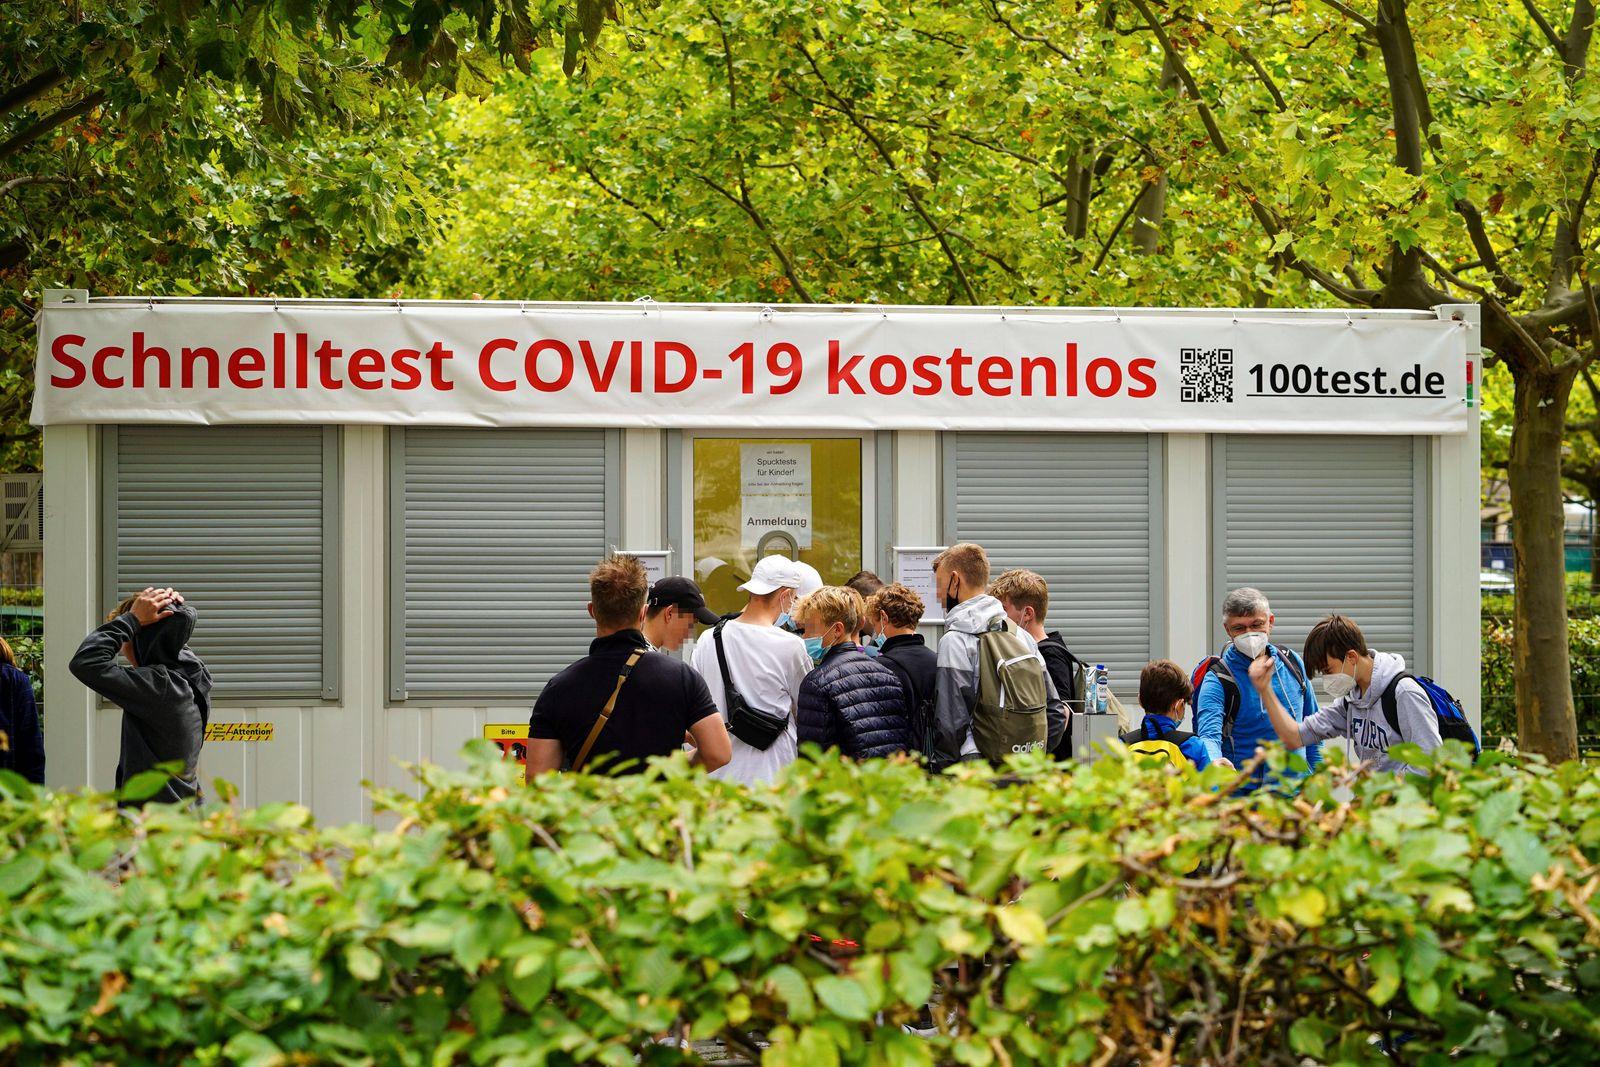 25.08.2021, Berlin, Deutschland, GER, Covid19 Schnelltest kostenlos. *** 25 08 2021, Berlin, Germany, GER, Covid19 quick